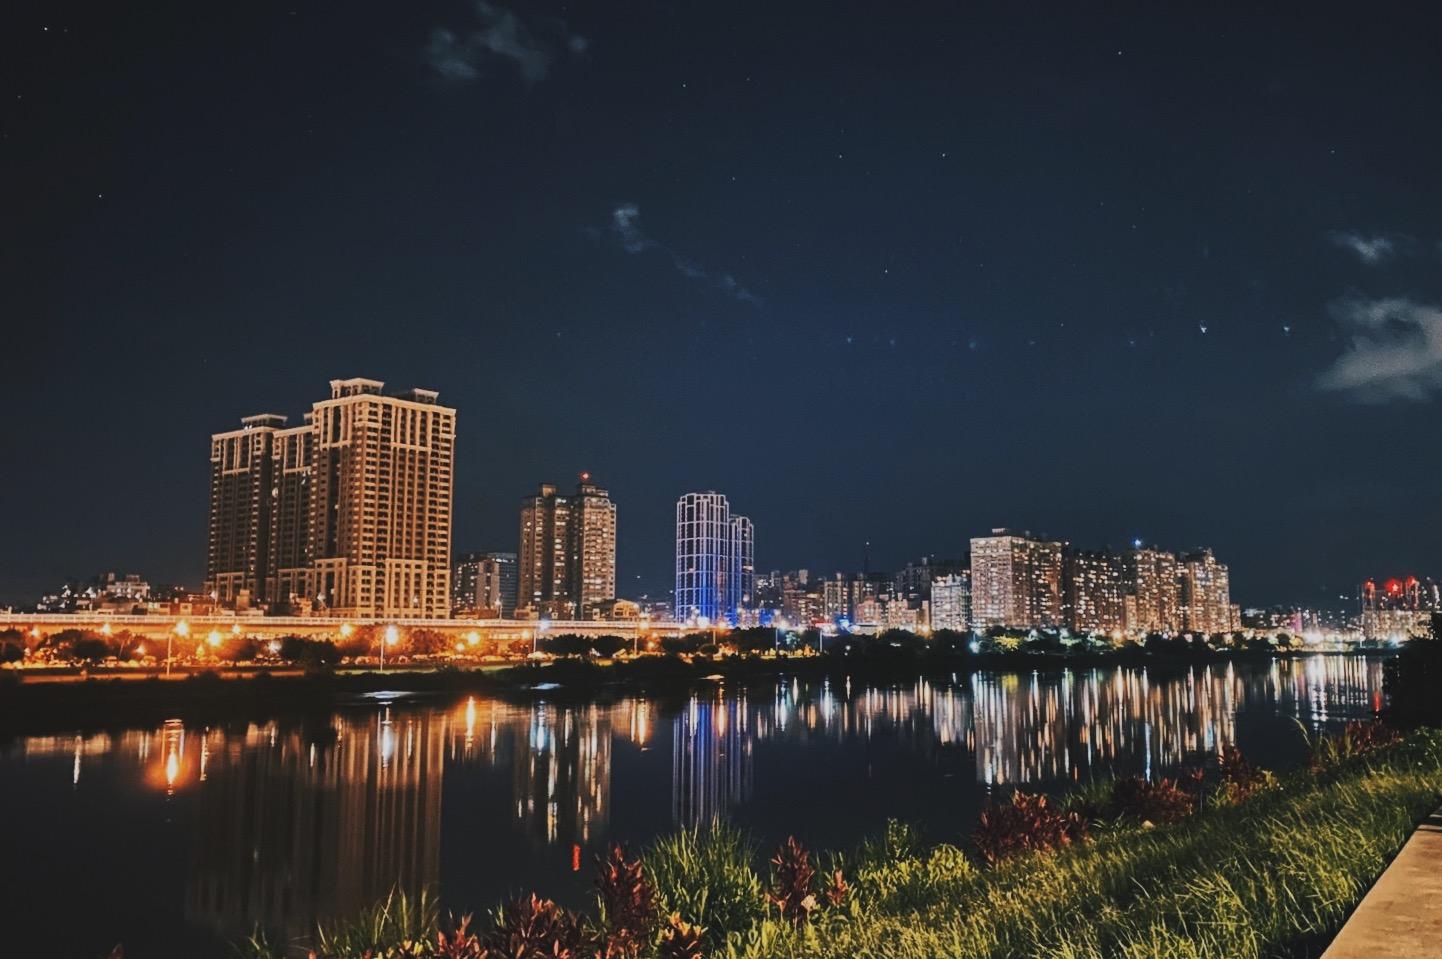 台湾に移住して1年。台湾の好きなところ、苦手なところをまとめてみた